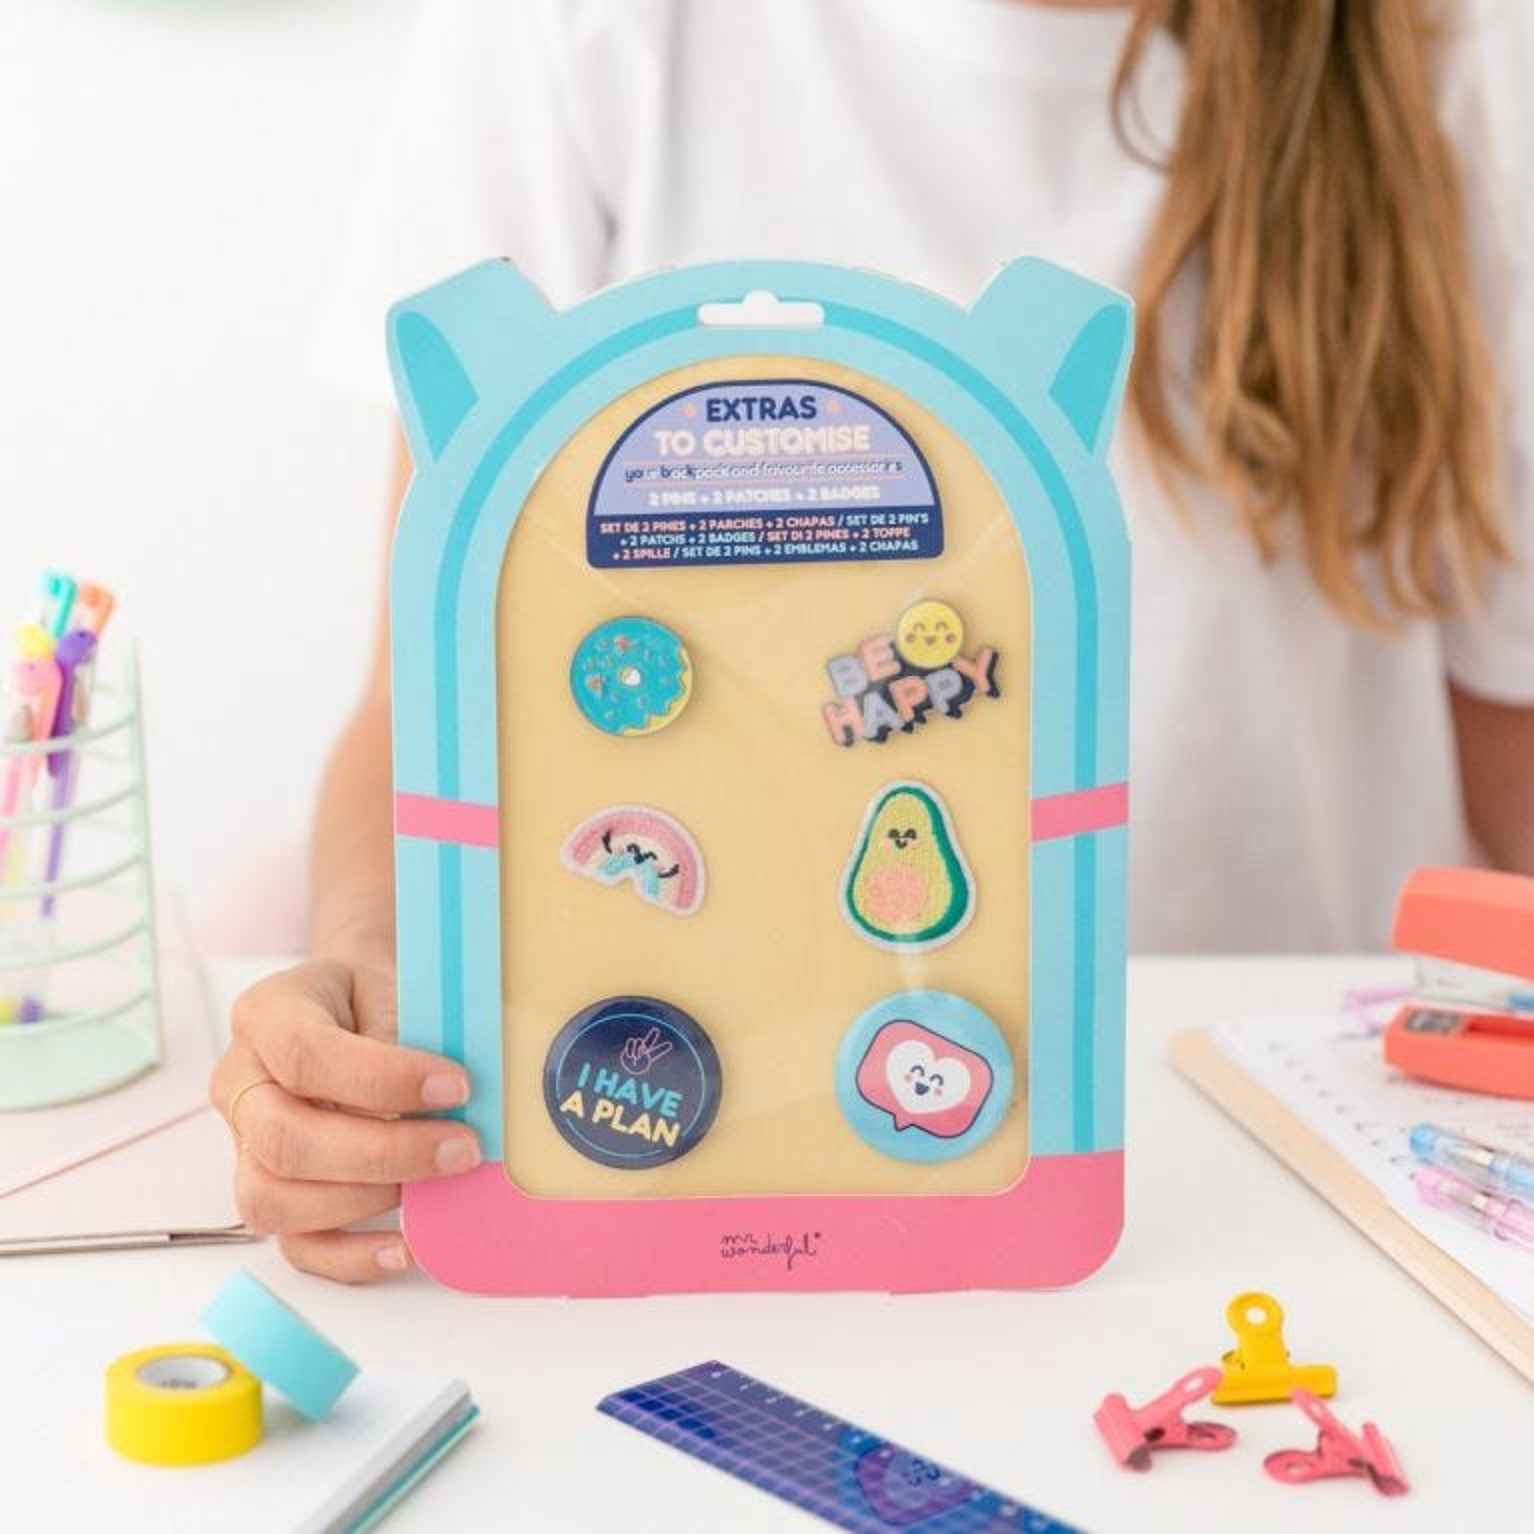 Extras para personalizar tu mochila y accesorios - I have a plan